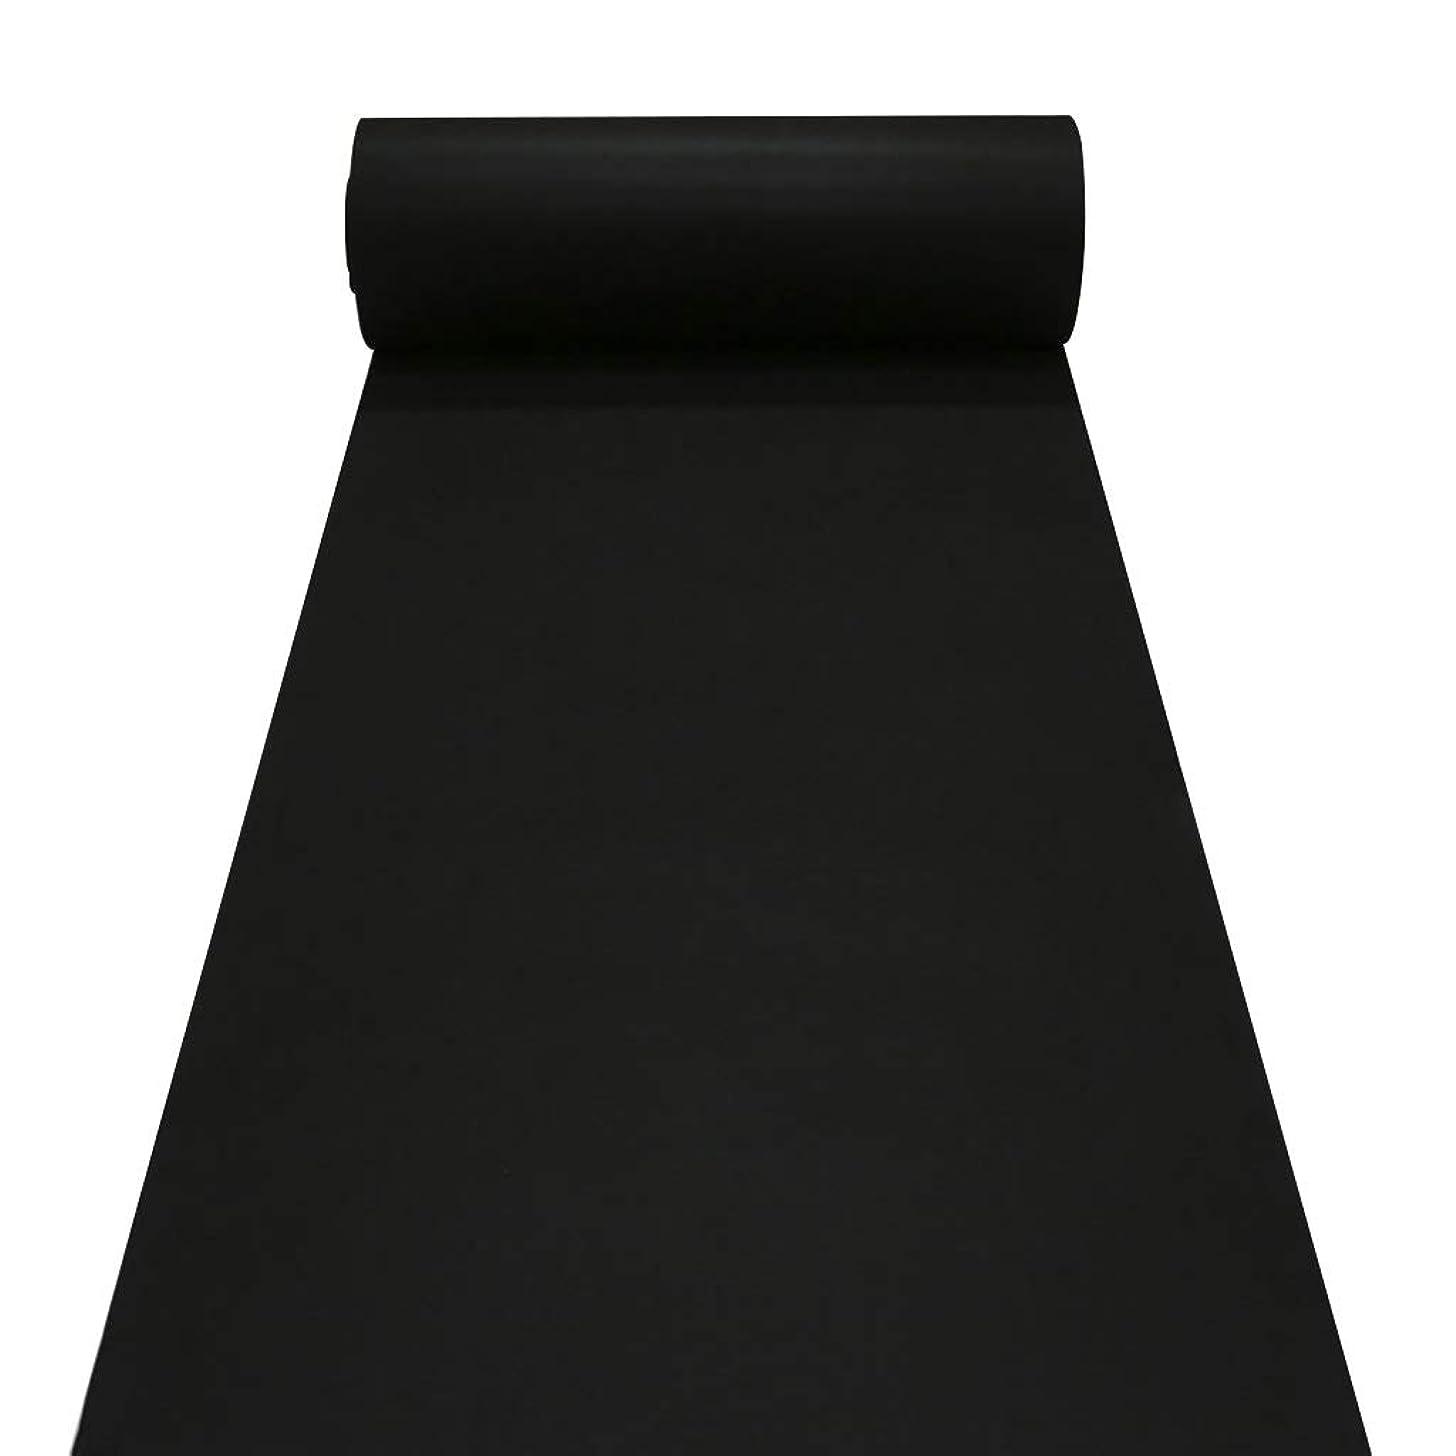 反映する雑多なベットラグランナーバイザフット、厚さ5.5mm、両面、黒ランナーの敷物、教会、廊下、階段、Wedding Aisle Runner (色 : ブラック, サイズ : 1m×30m)